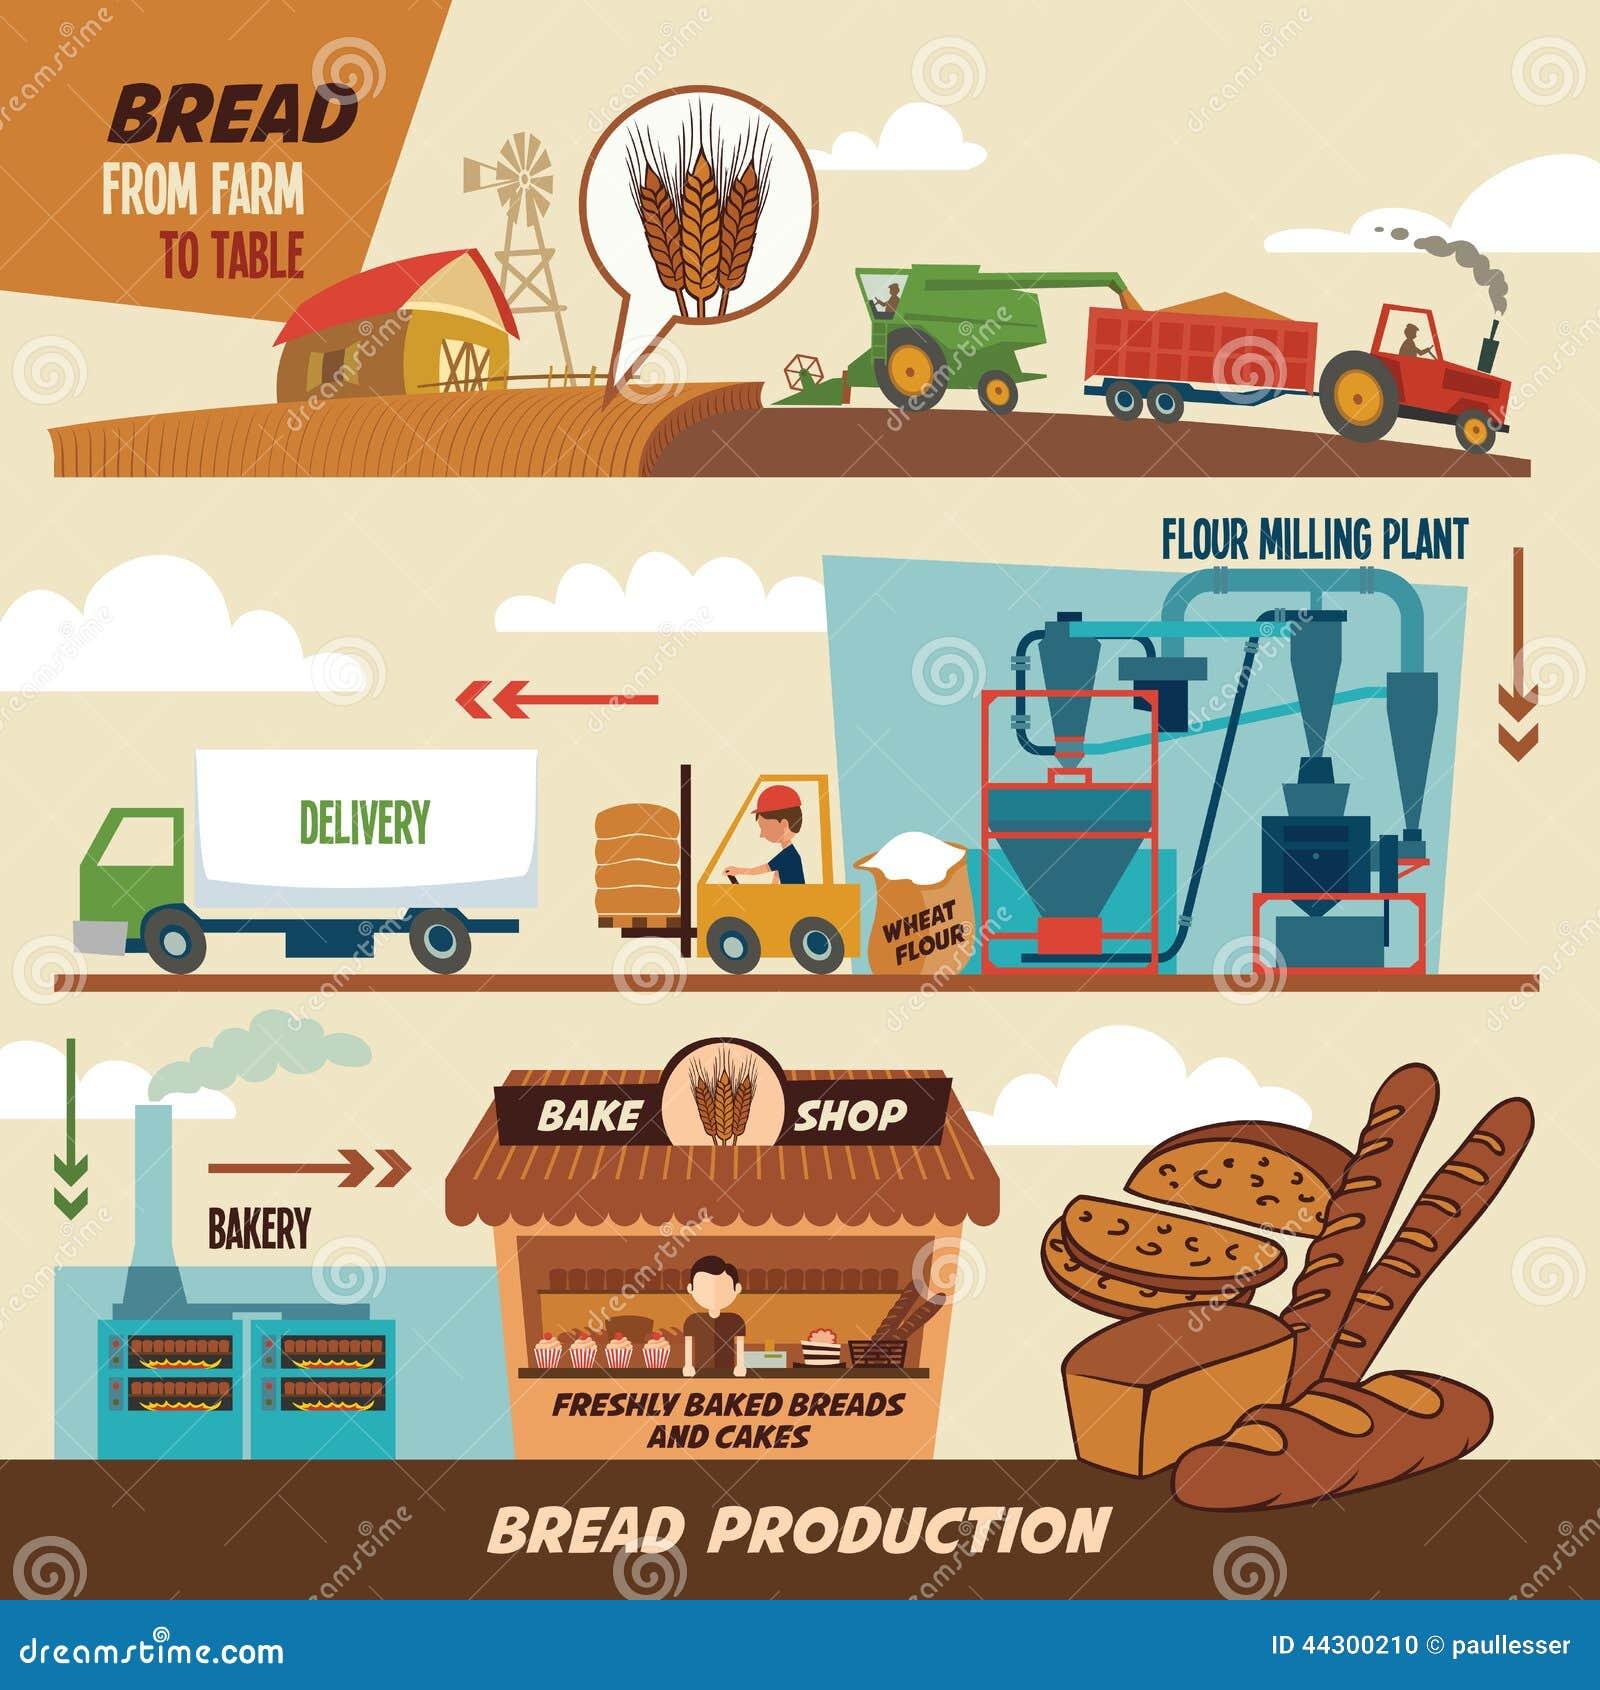 Στάδια παραγωγής ψωμιού